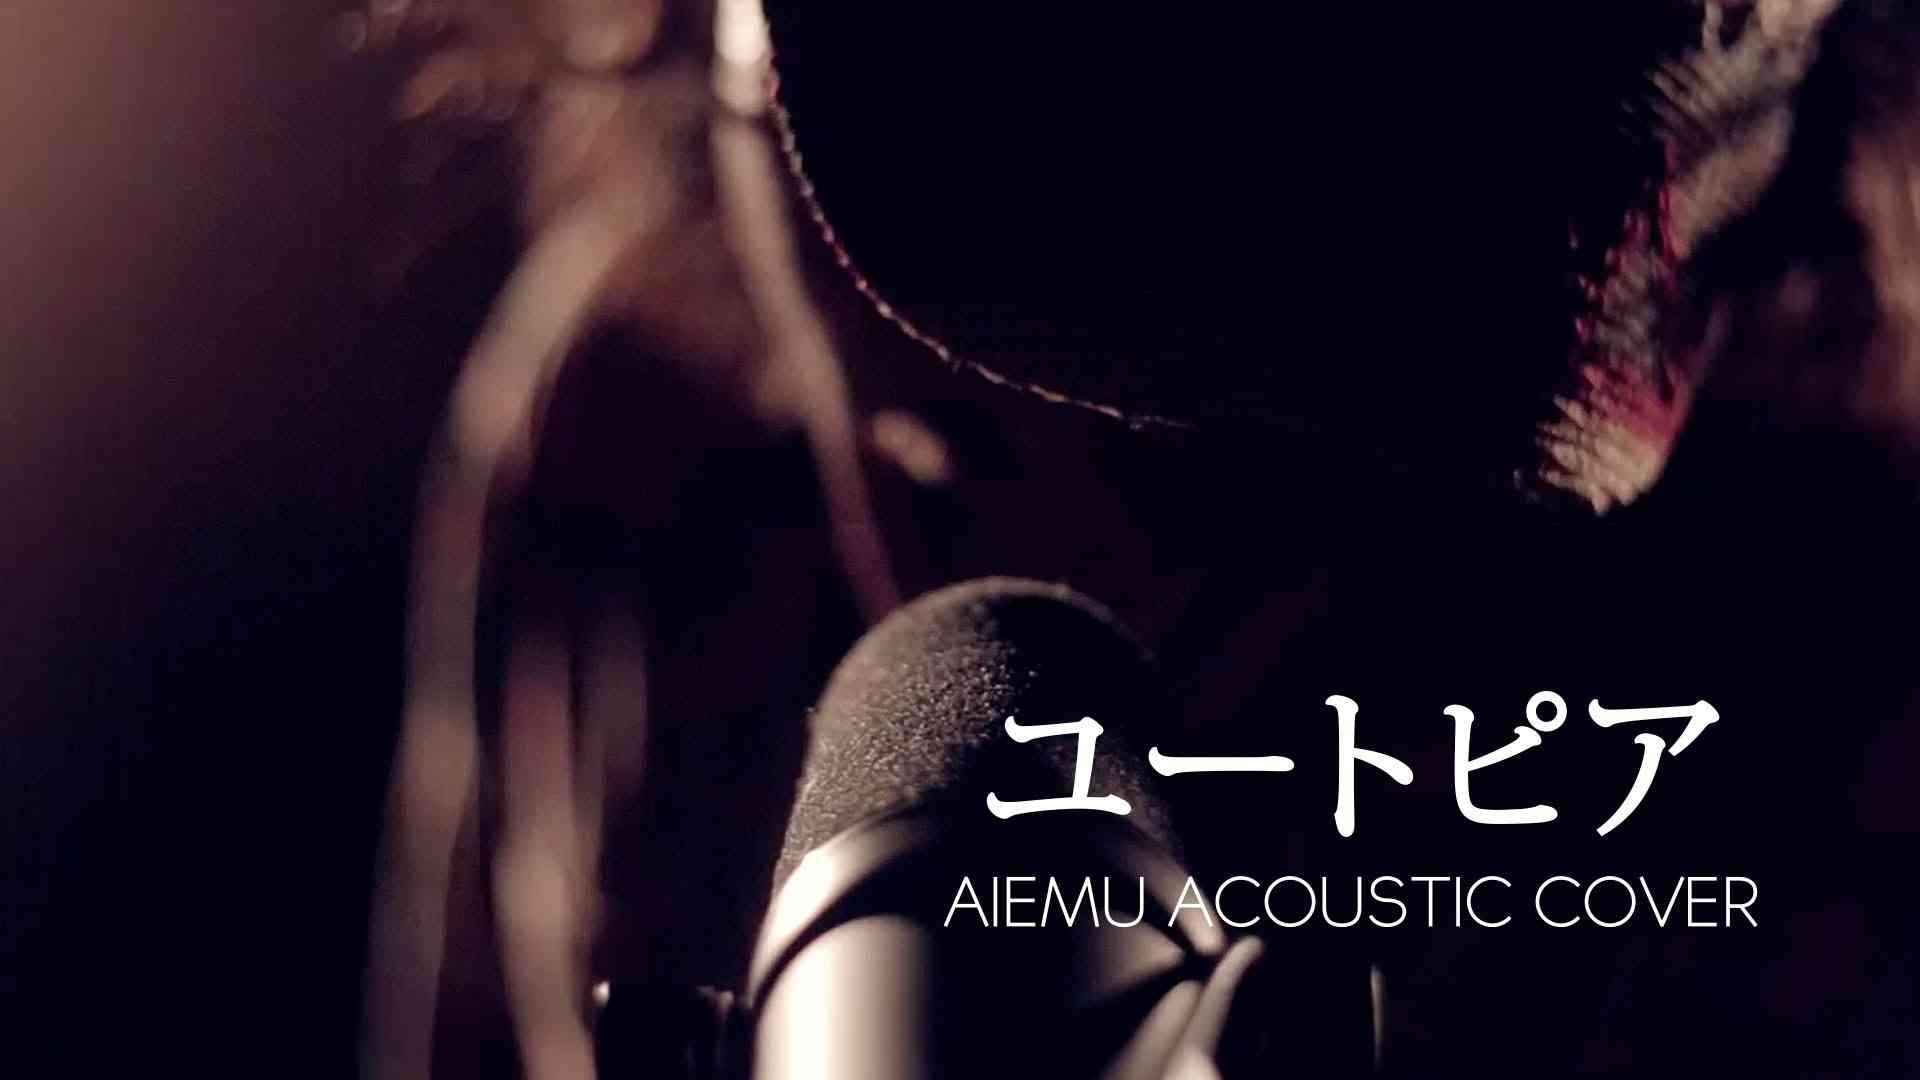 ユートピア - B'z(愛笑む acoustic cover) - YouTube